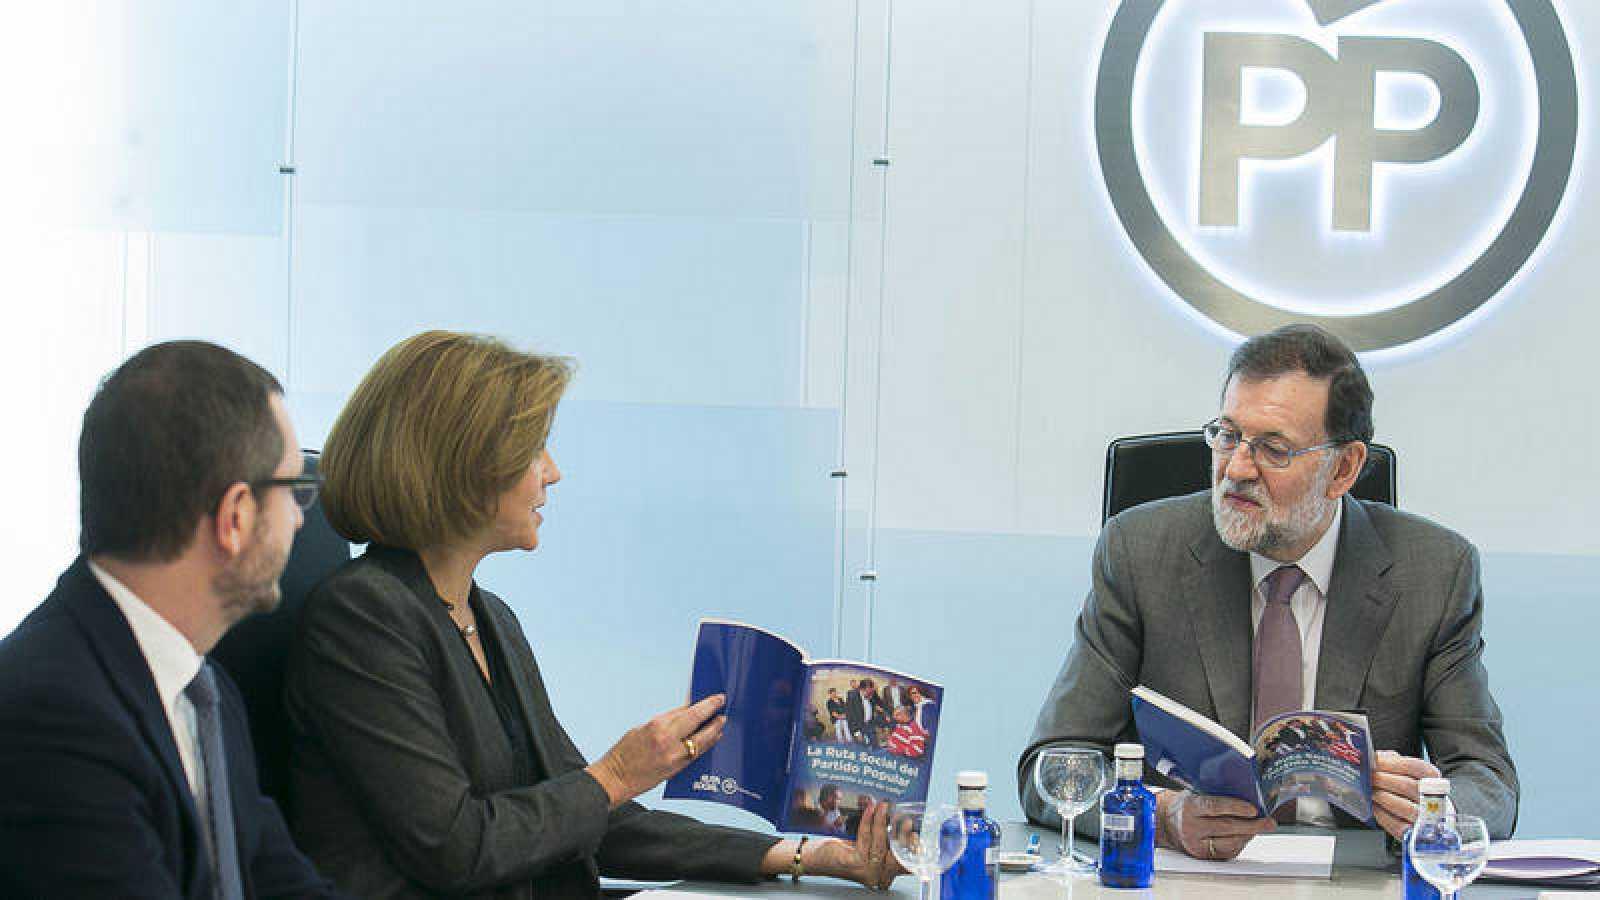 Mariano Rajoy, María Dolores de Cospedal y Javier Maroto durante la reunión del Comite de Dirección del Partido Popular